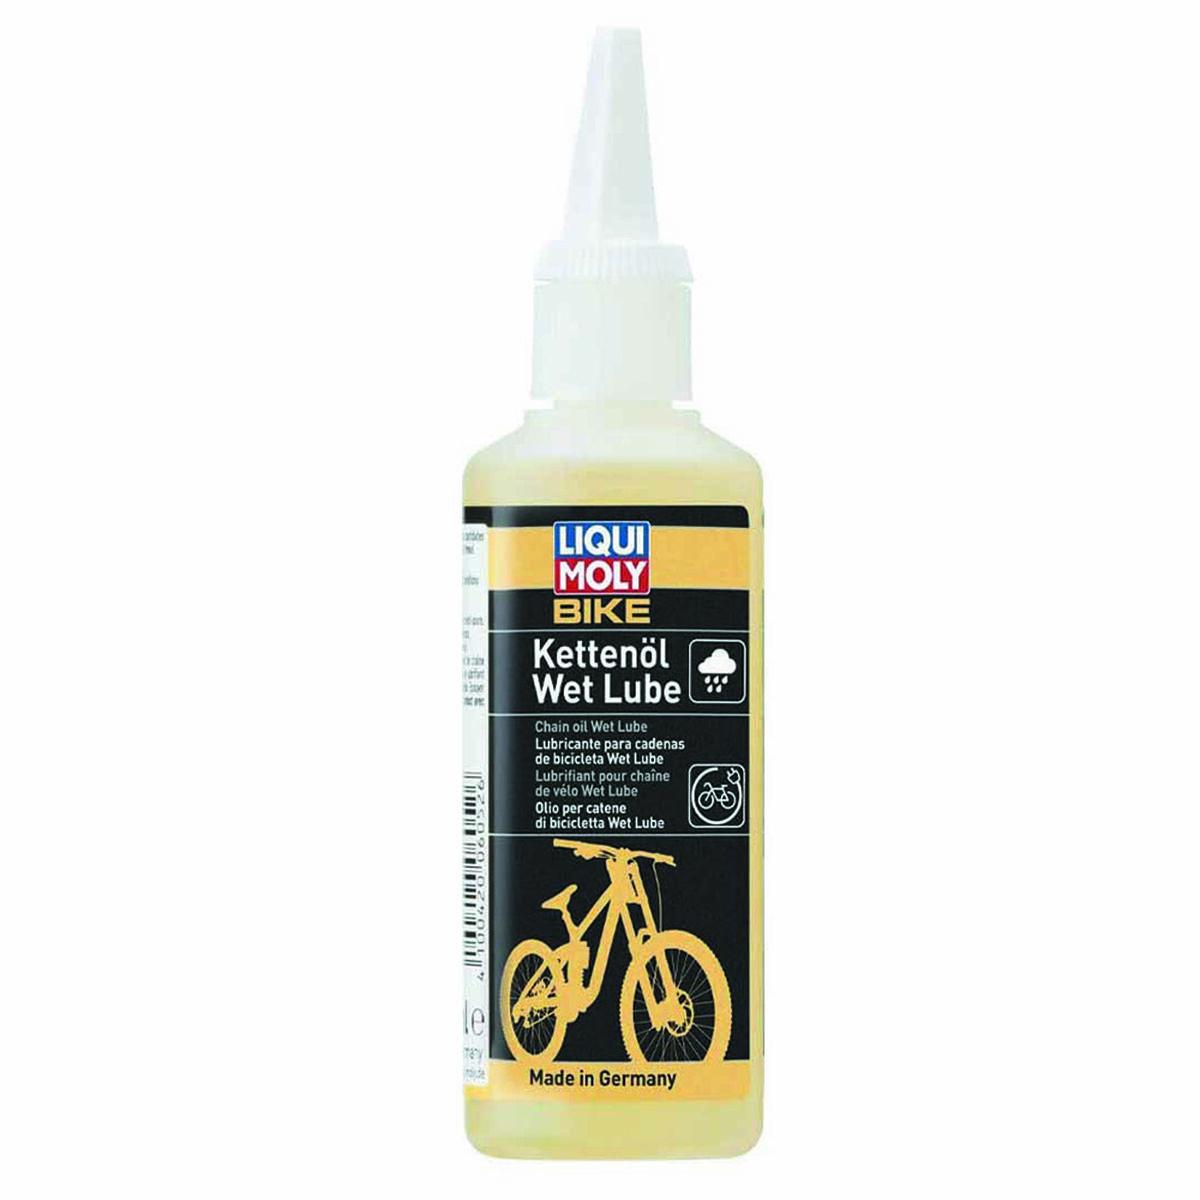 Lubricante para Bicicleta Liqui Moly